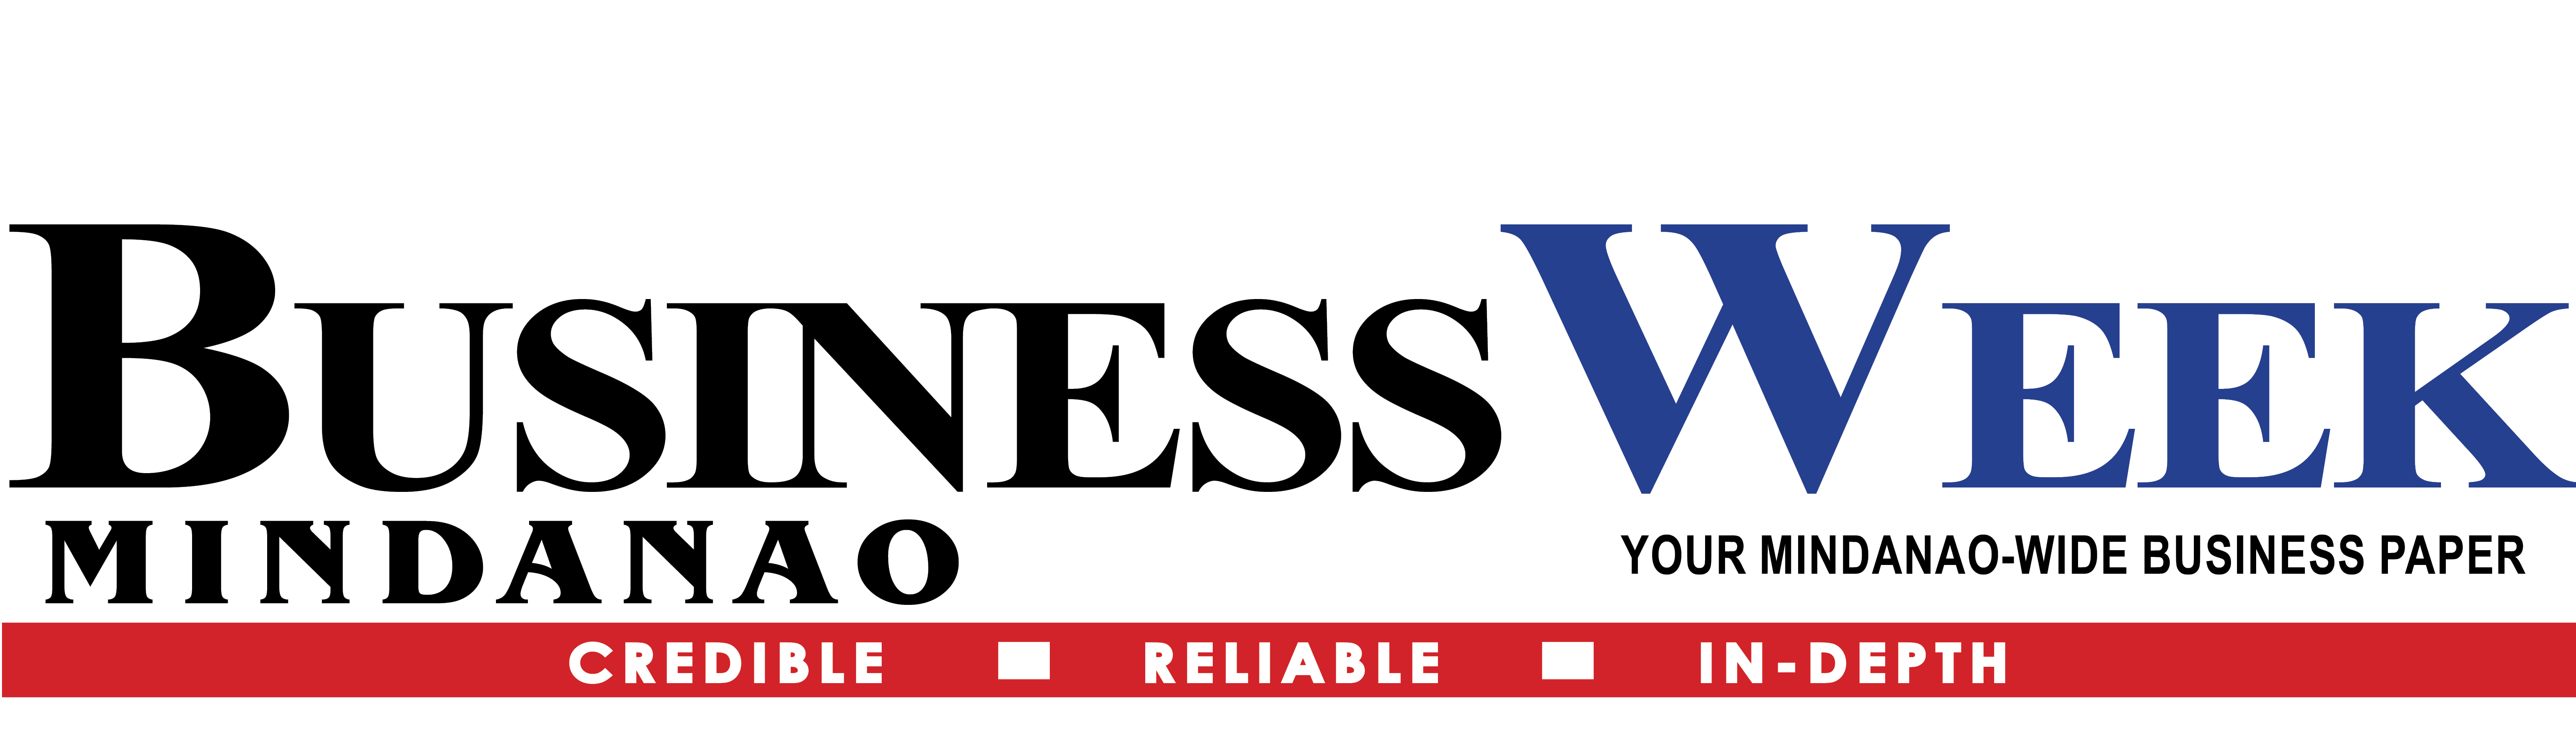 BusinessWeek Mindanao